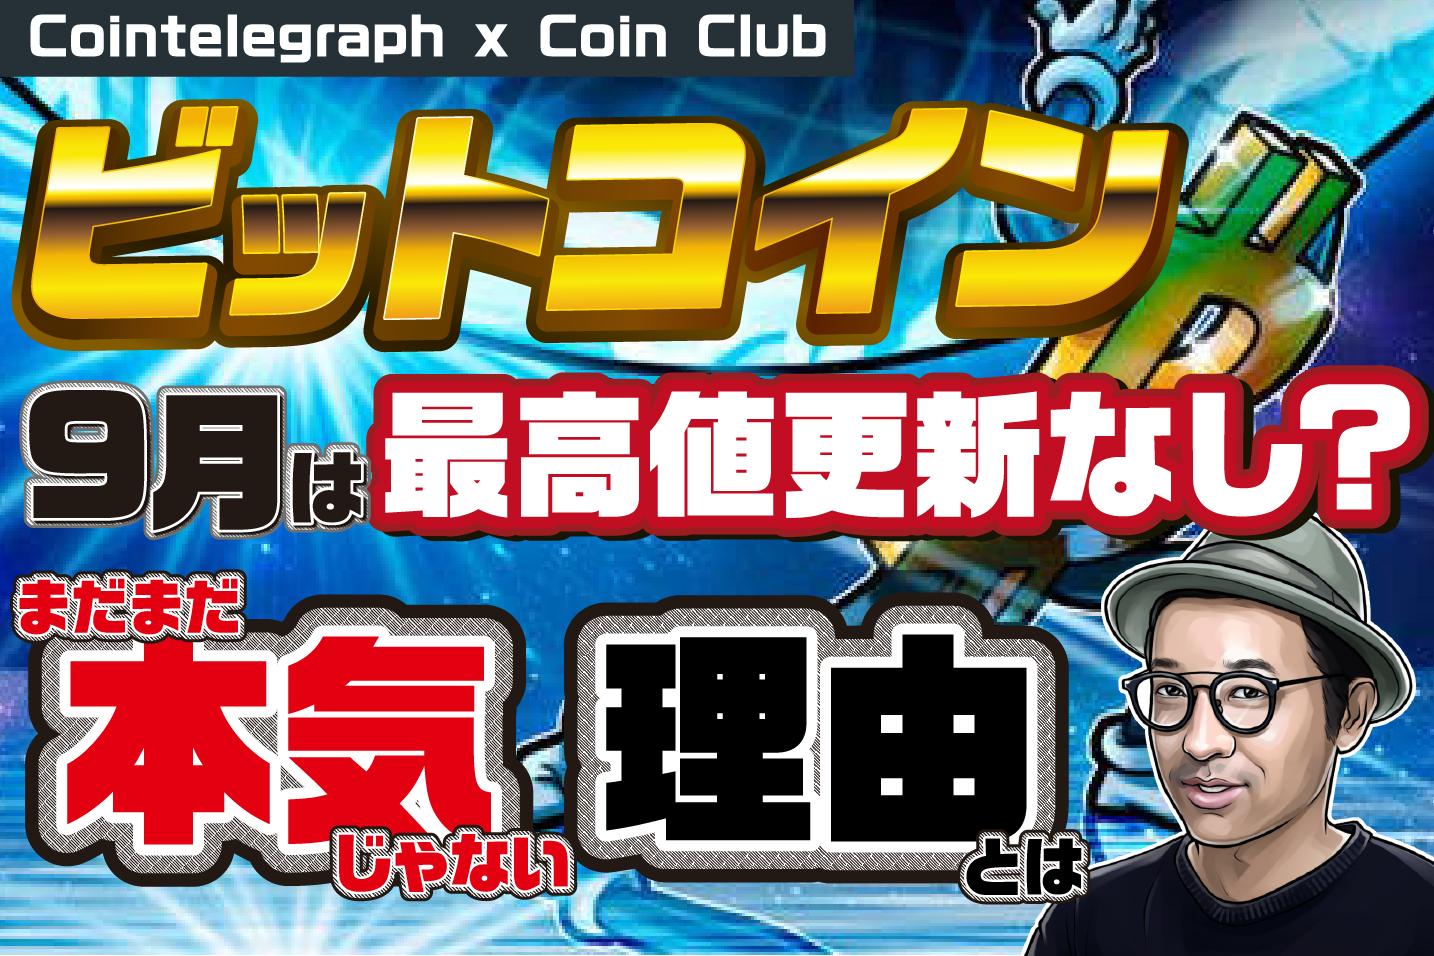 ビットコイン最高値挑戦 9月はなし?まだ本気じゃない訳【Coin Club×Cointelegraph】